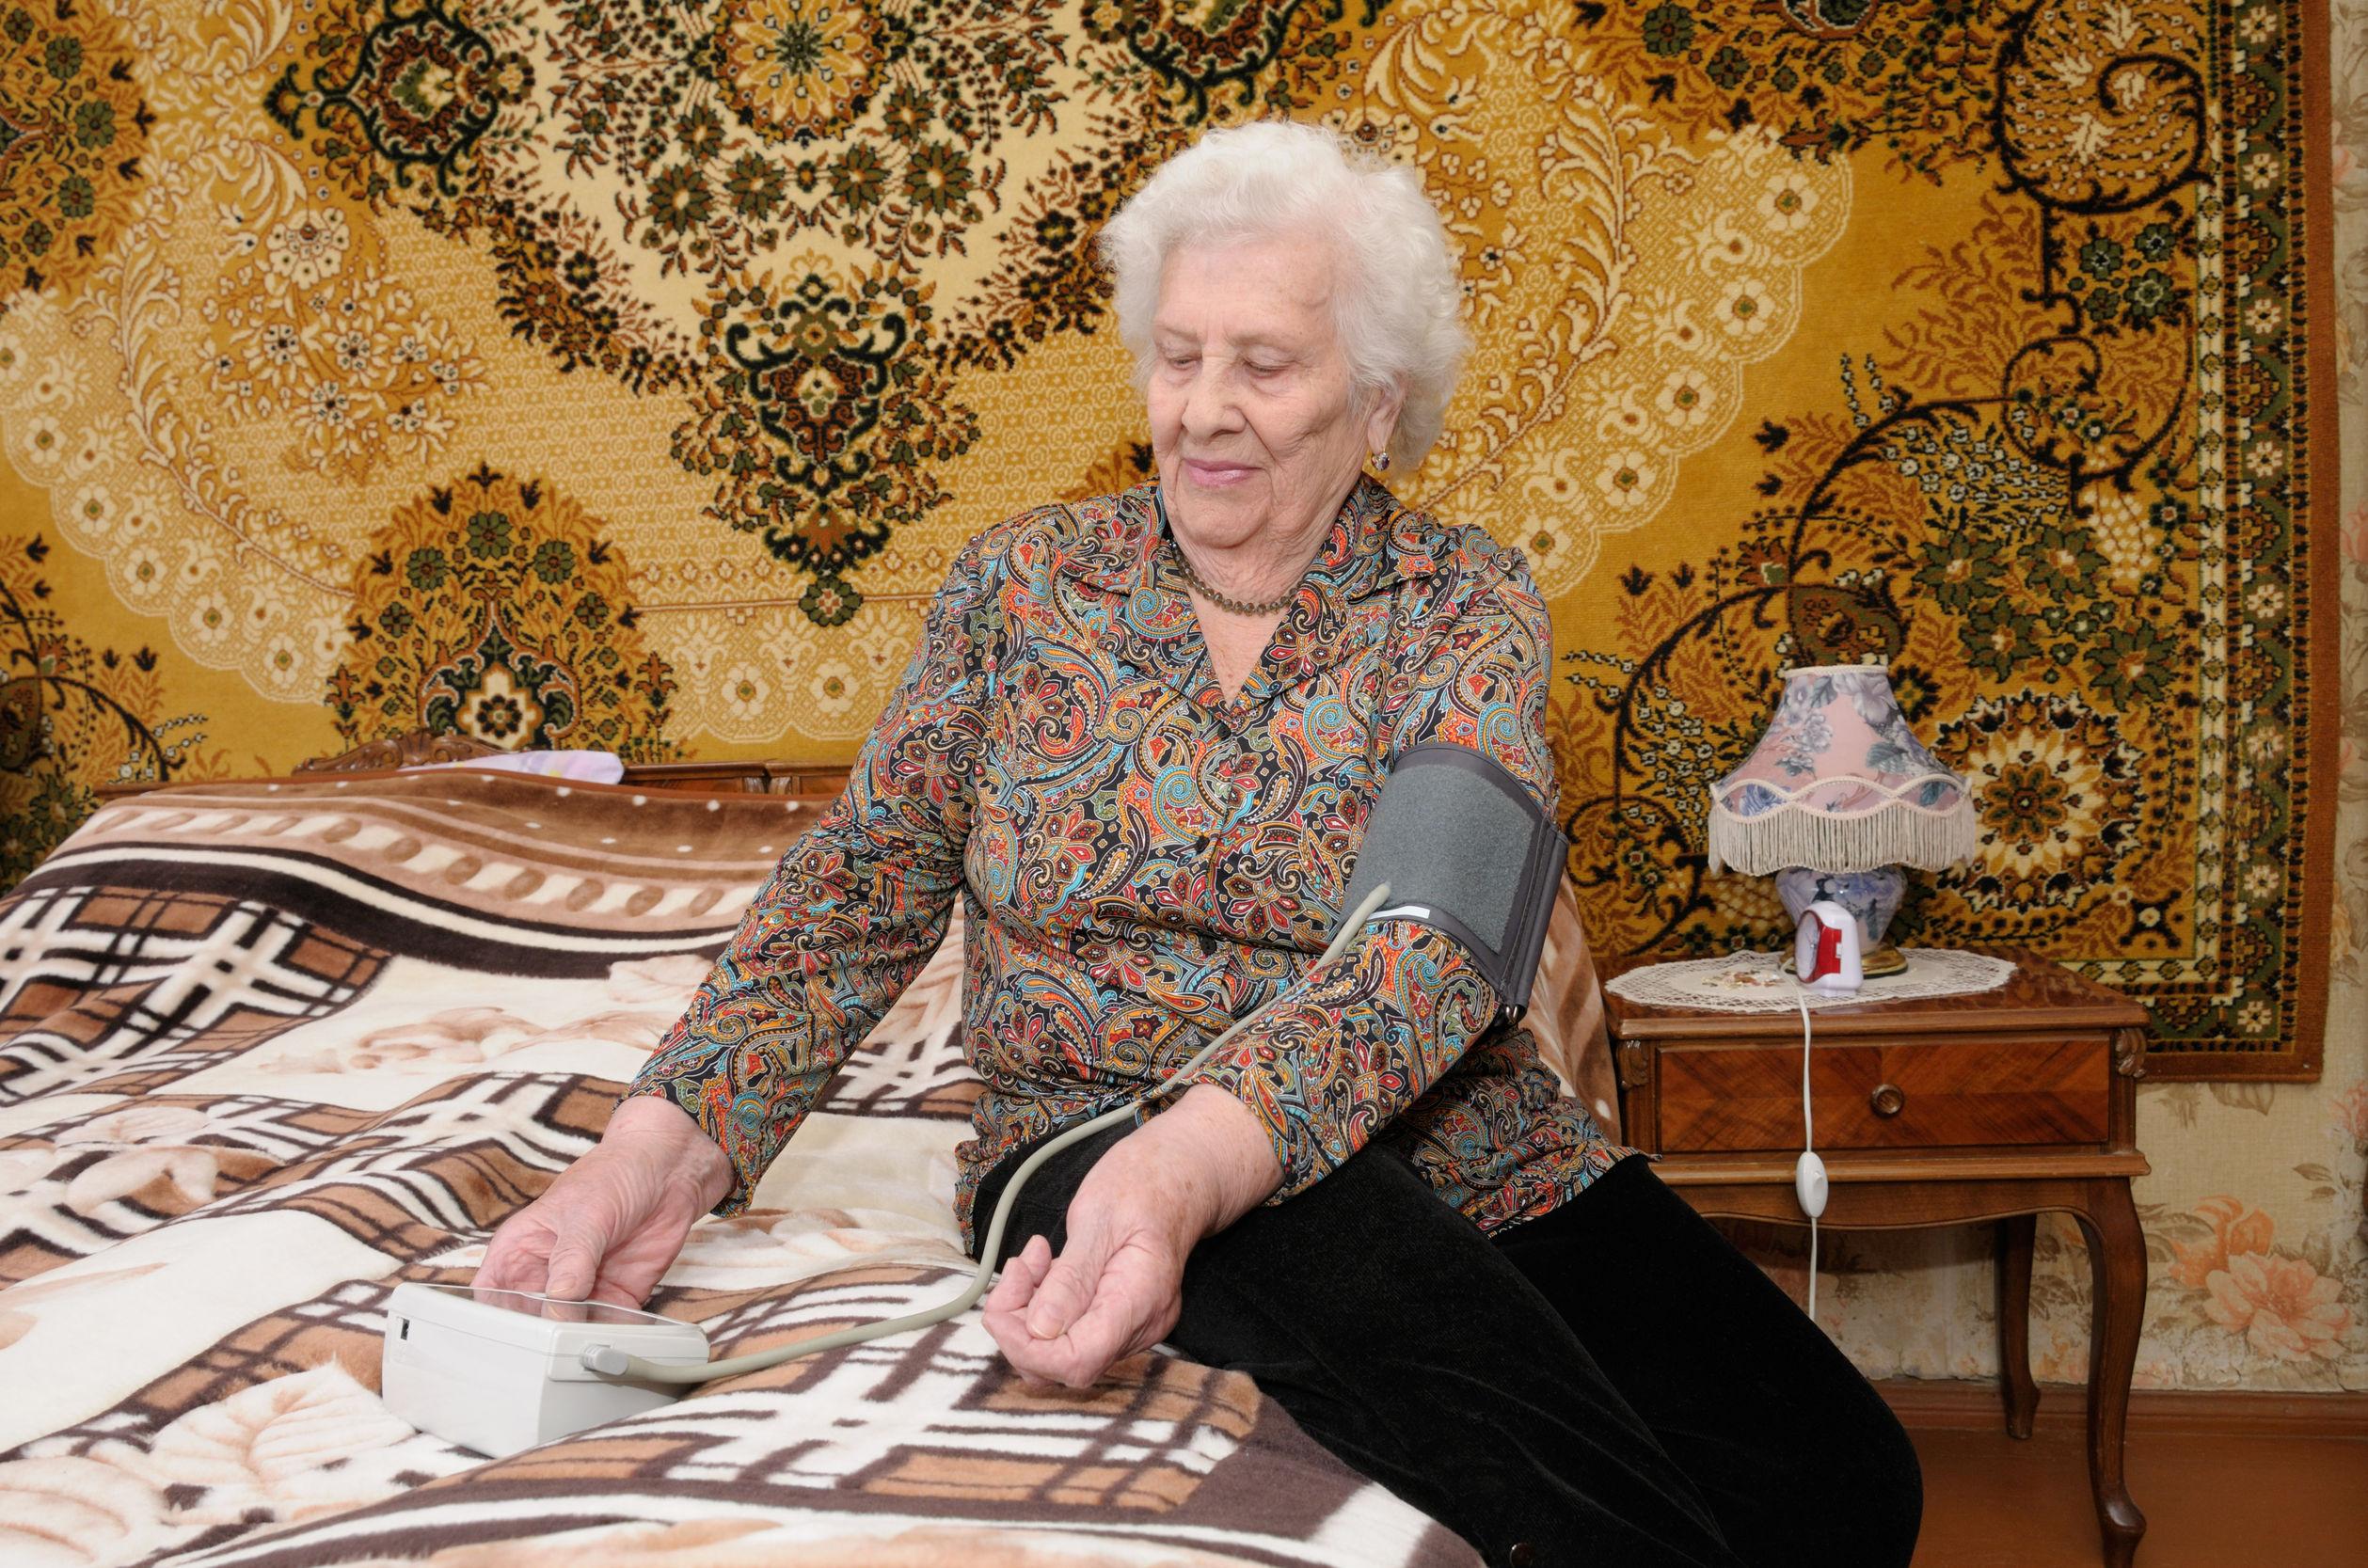 高血壓對老年人不一定有害